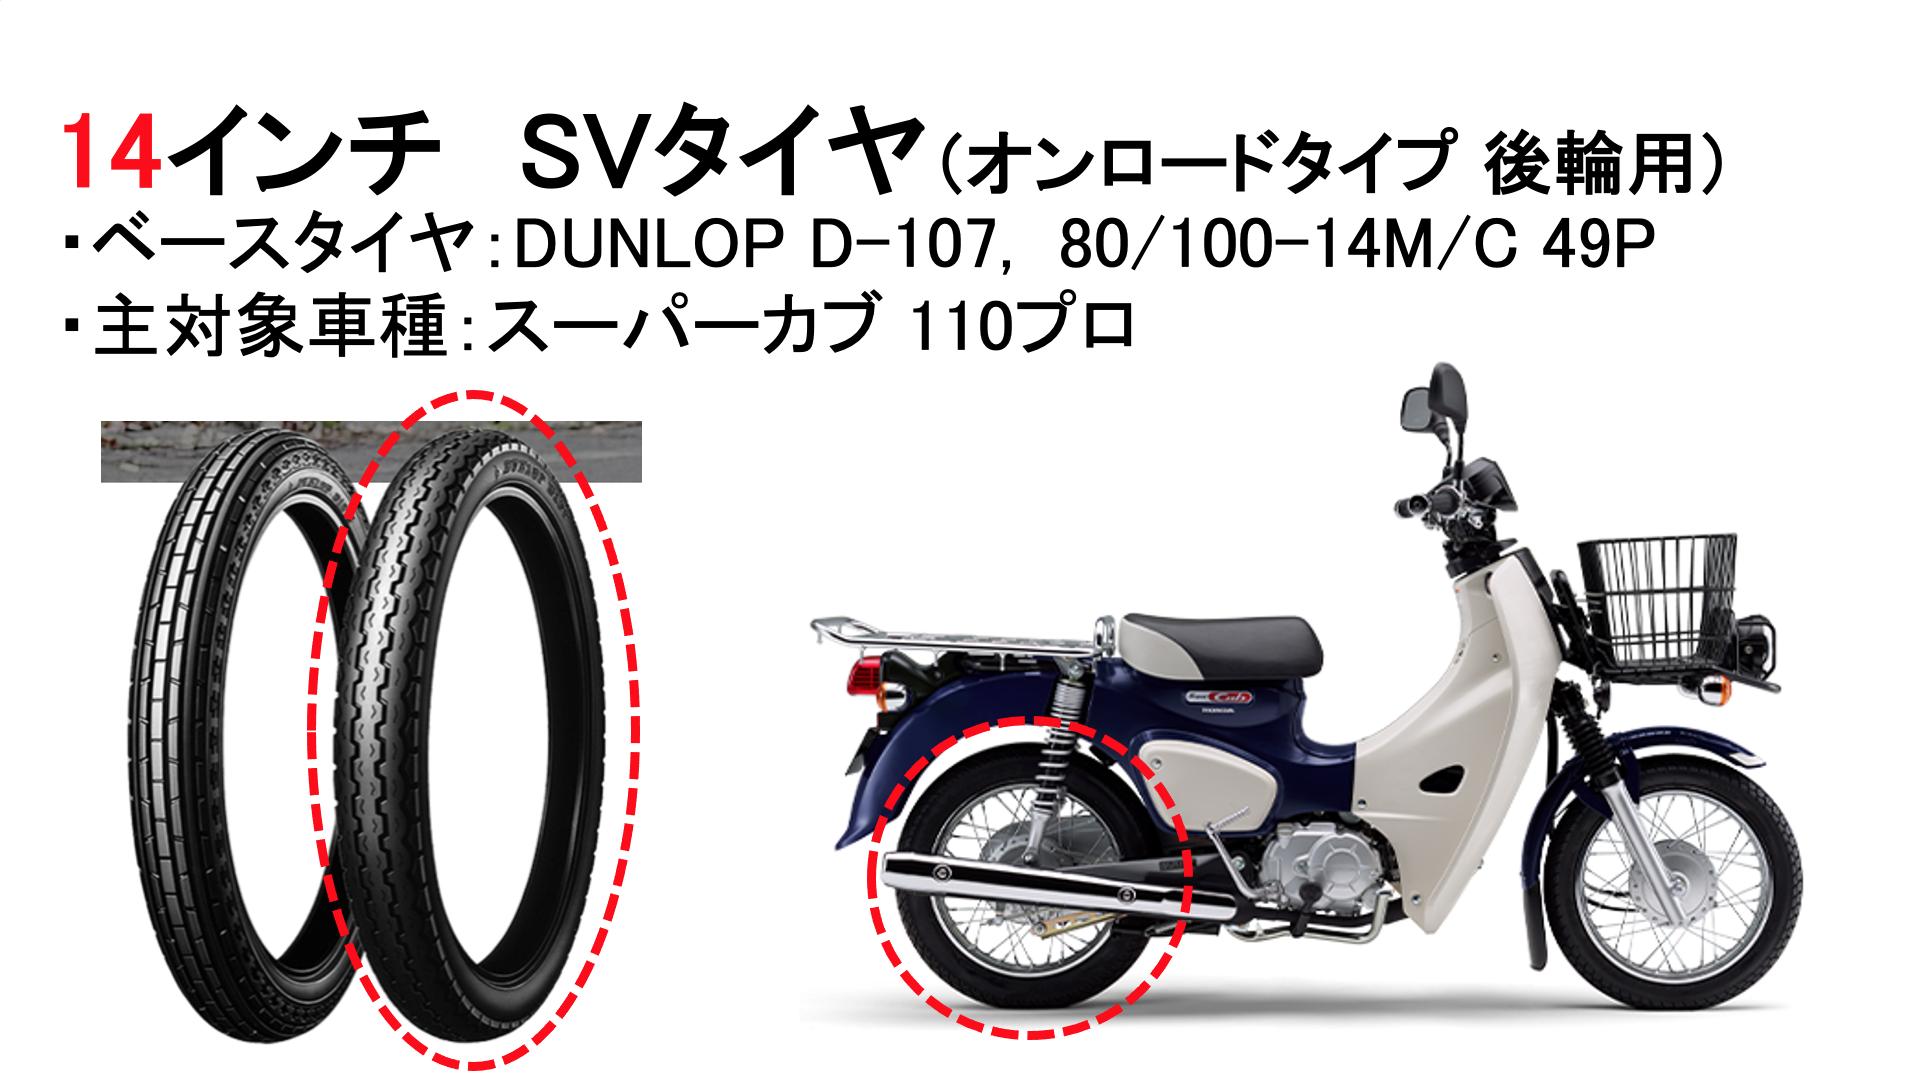 サバイバルタイヤ(DUNLOP D-107, 80/100-14)